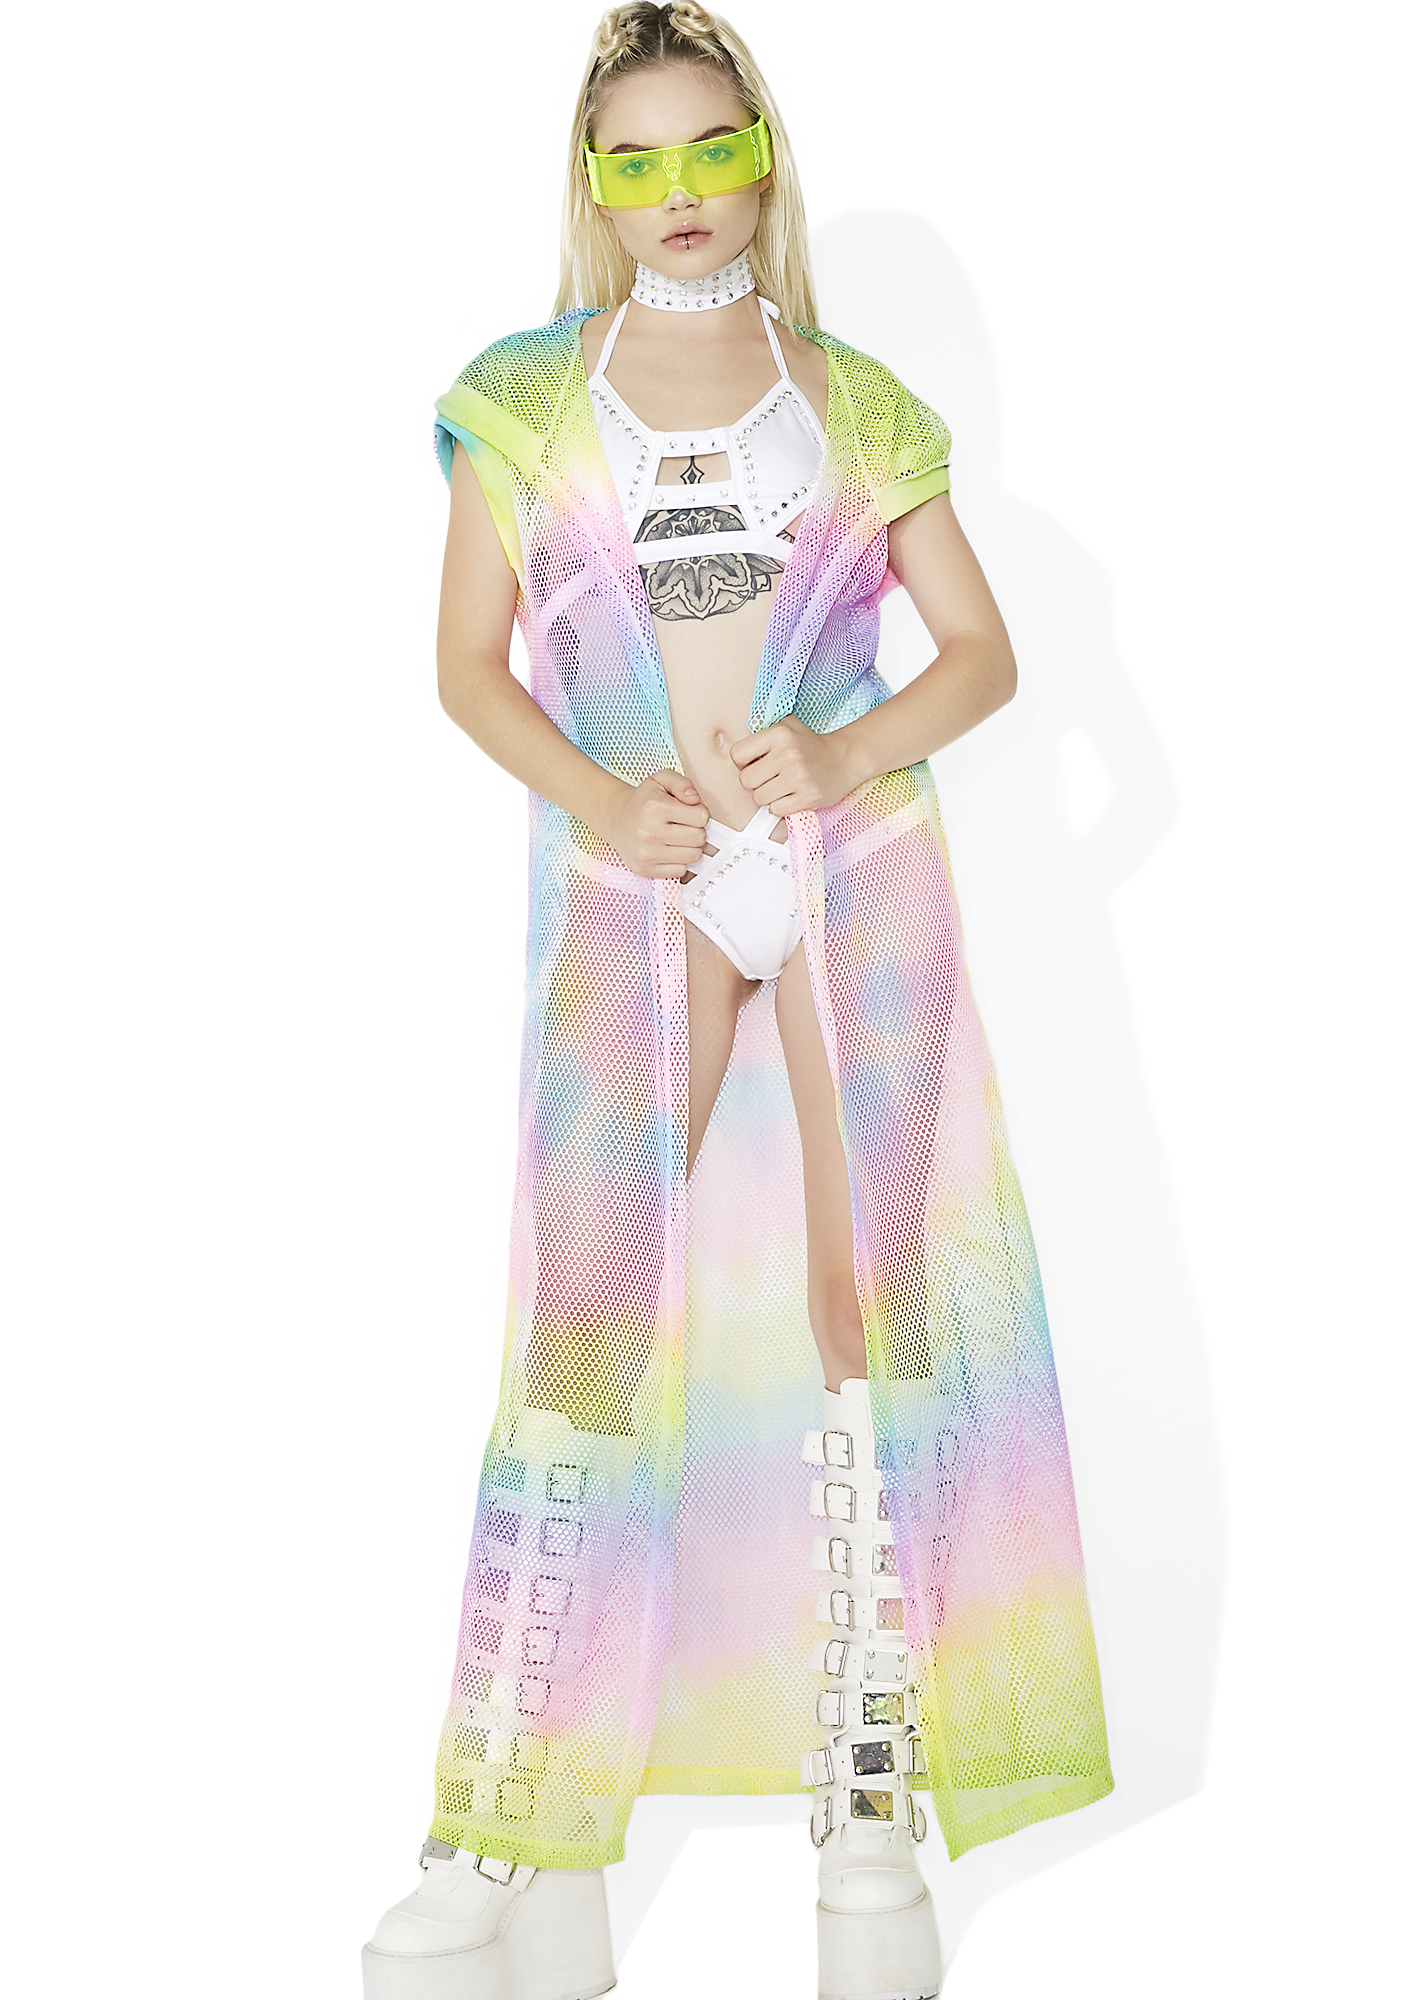 Sheer Mesh Hooded Duster Pastel Rainbow Tie Dye